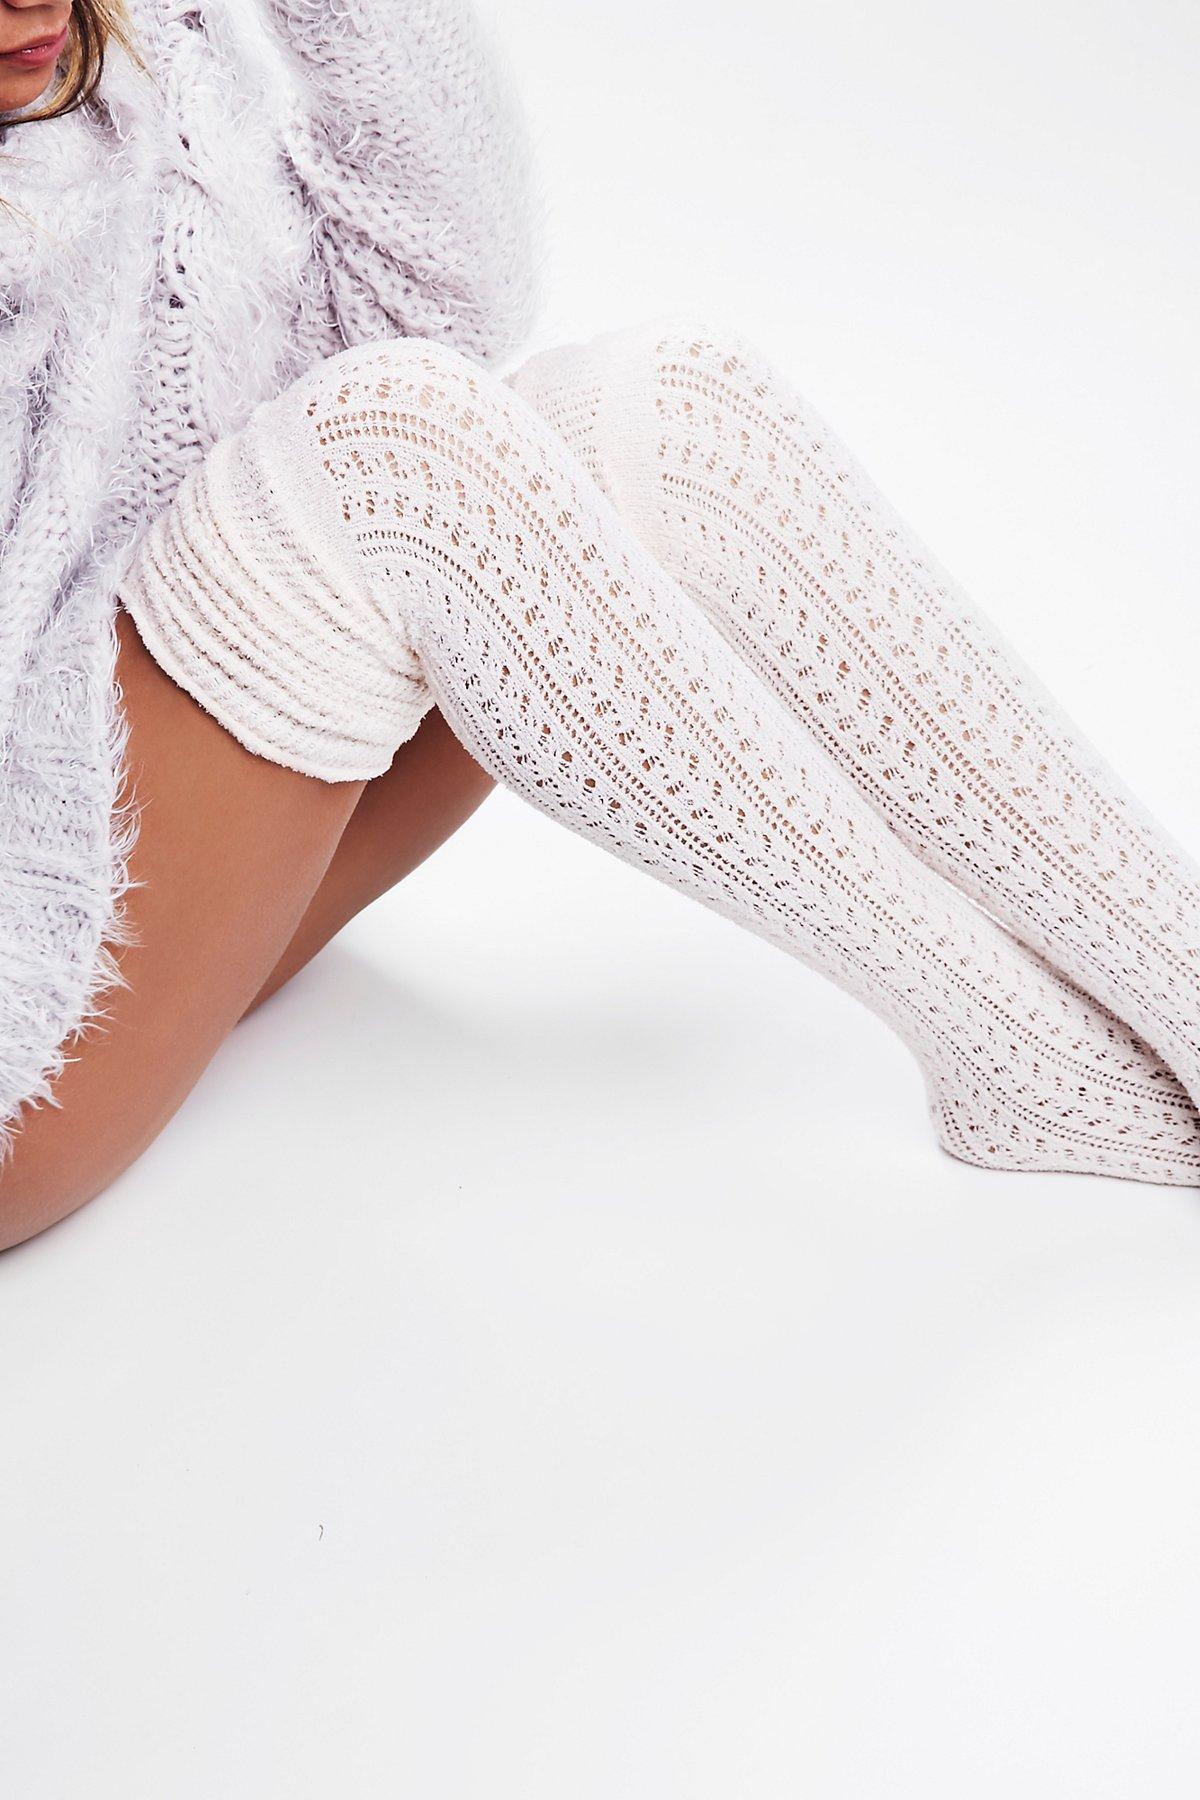 Beaux网眼袜